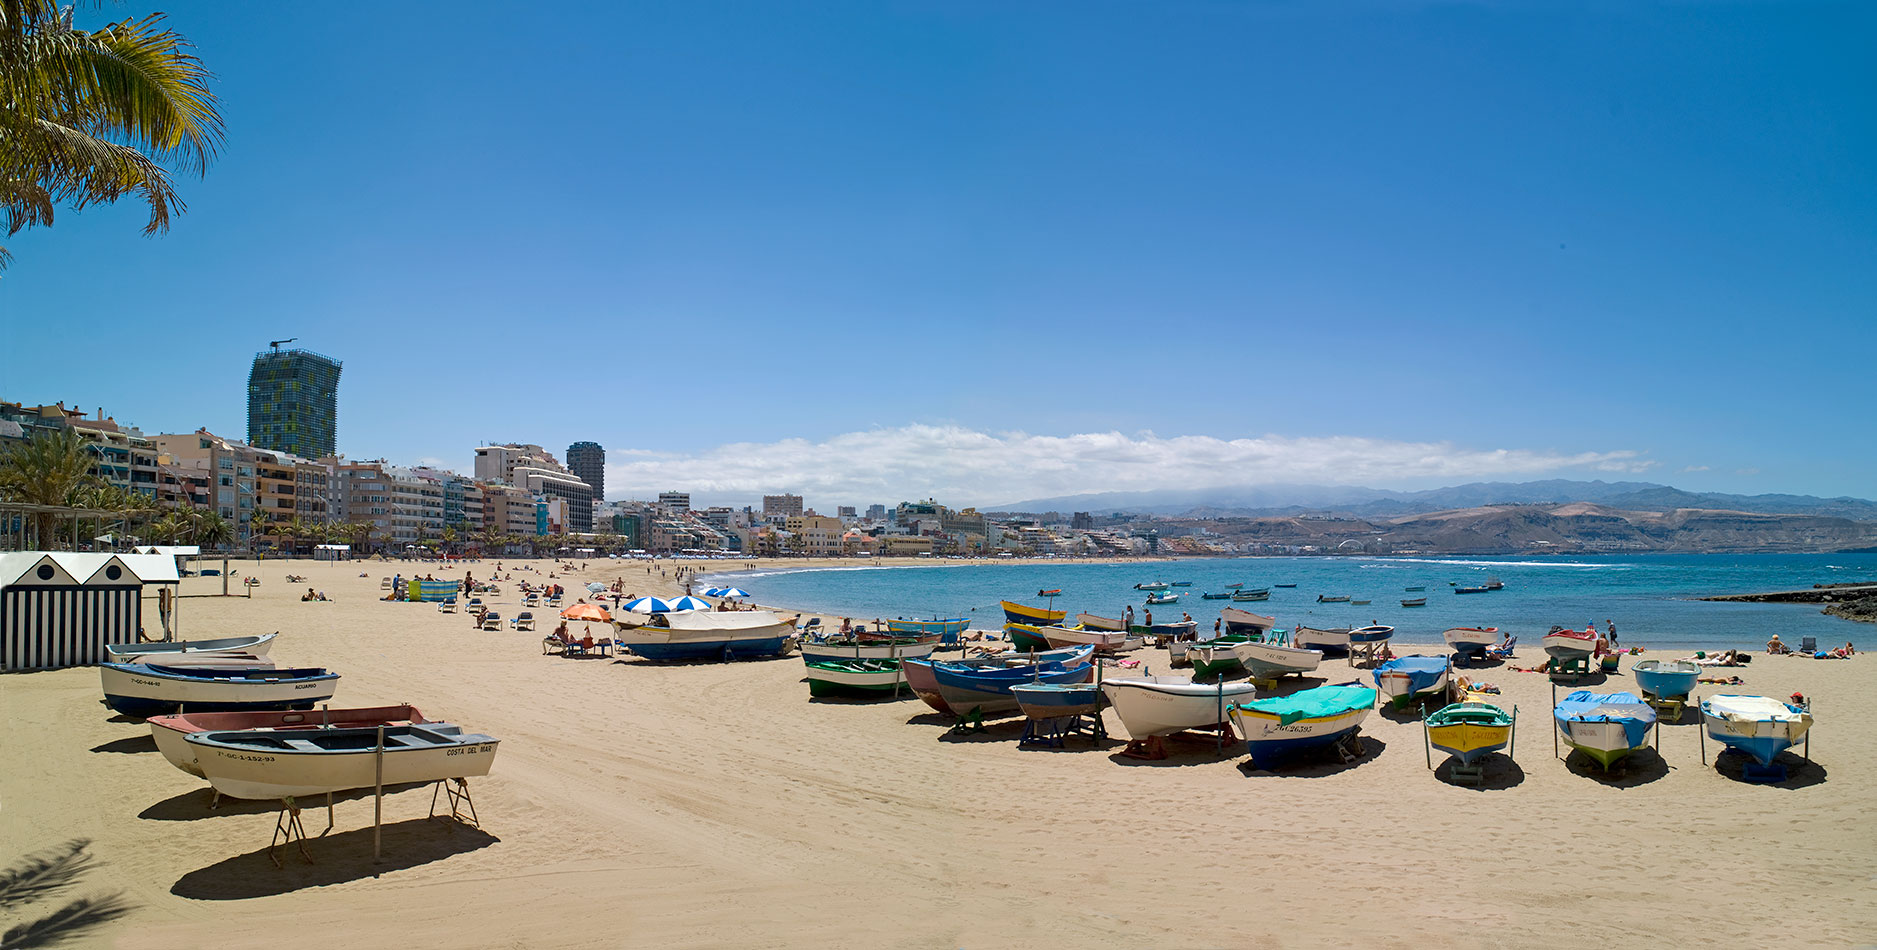 LAS-PALMAS-DE-GRAN-CANARIA-Playa-de-las-Canteras